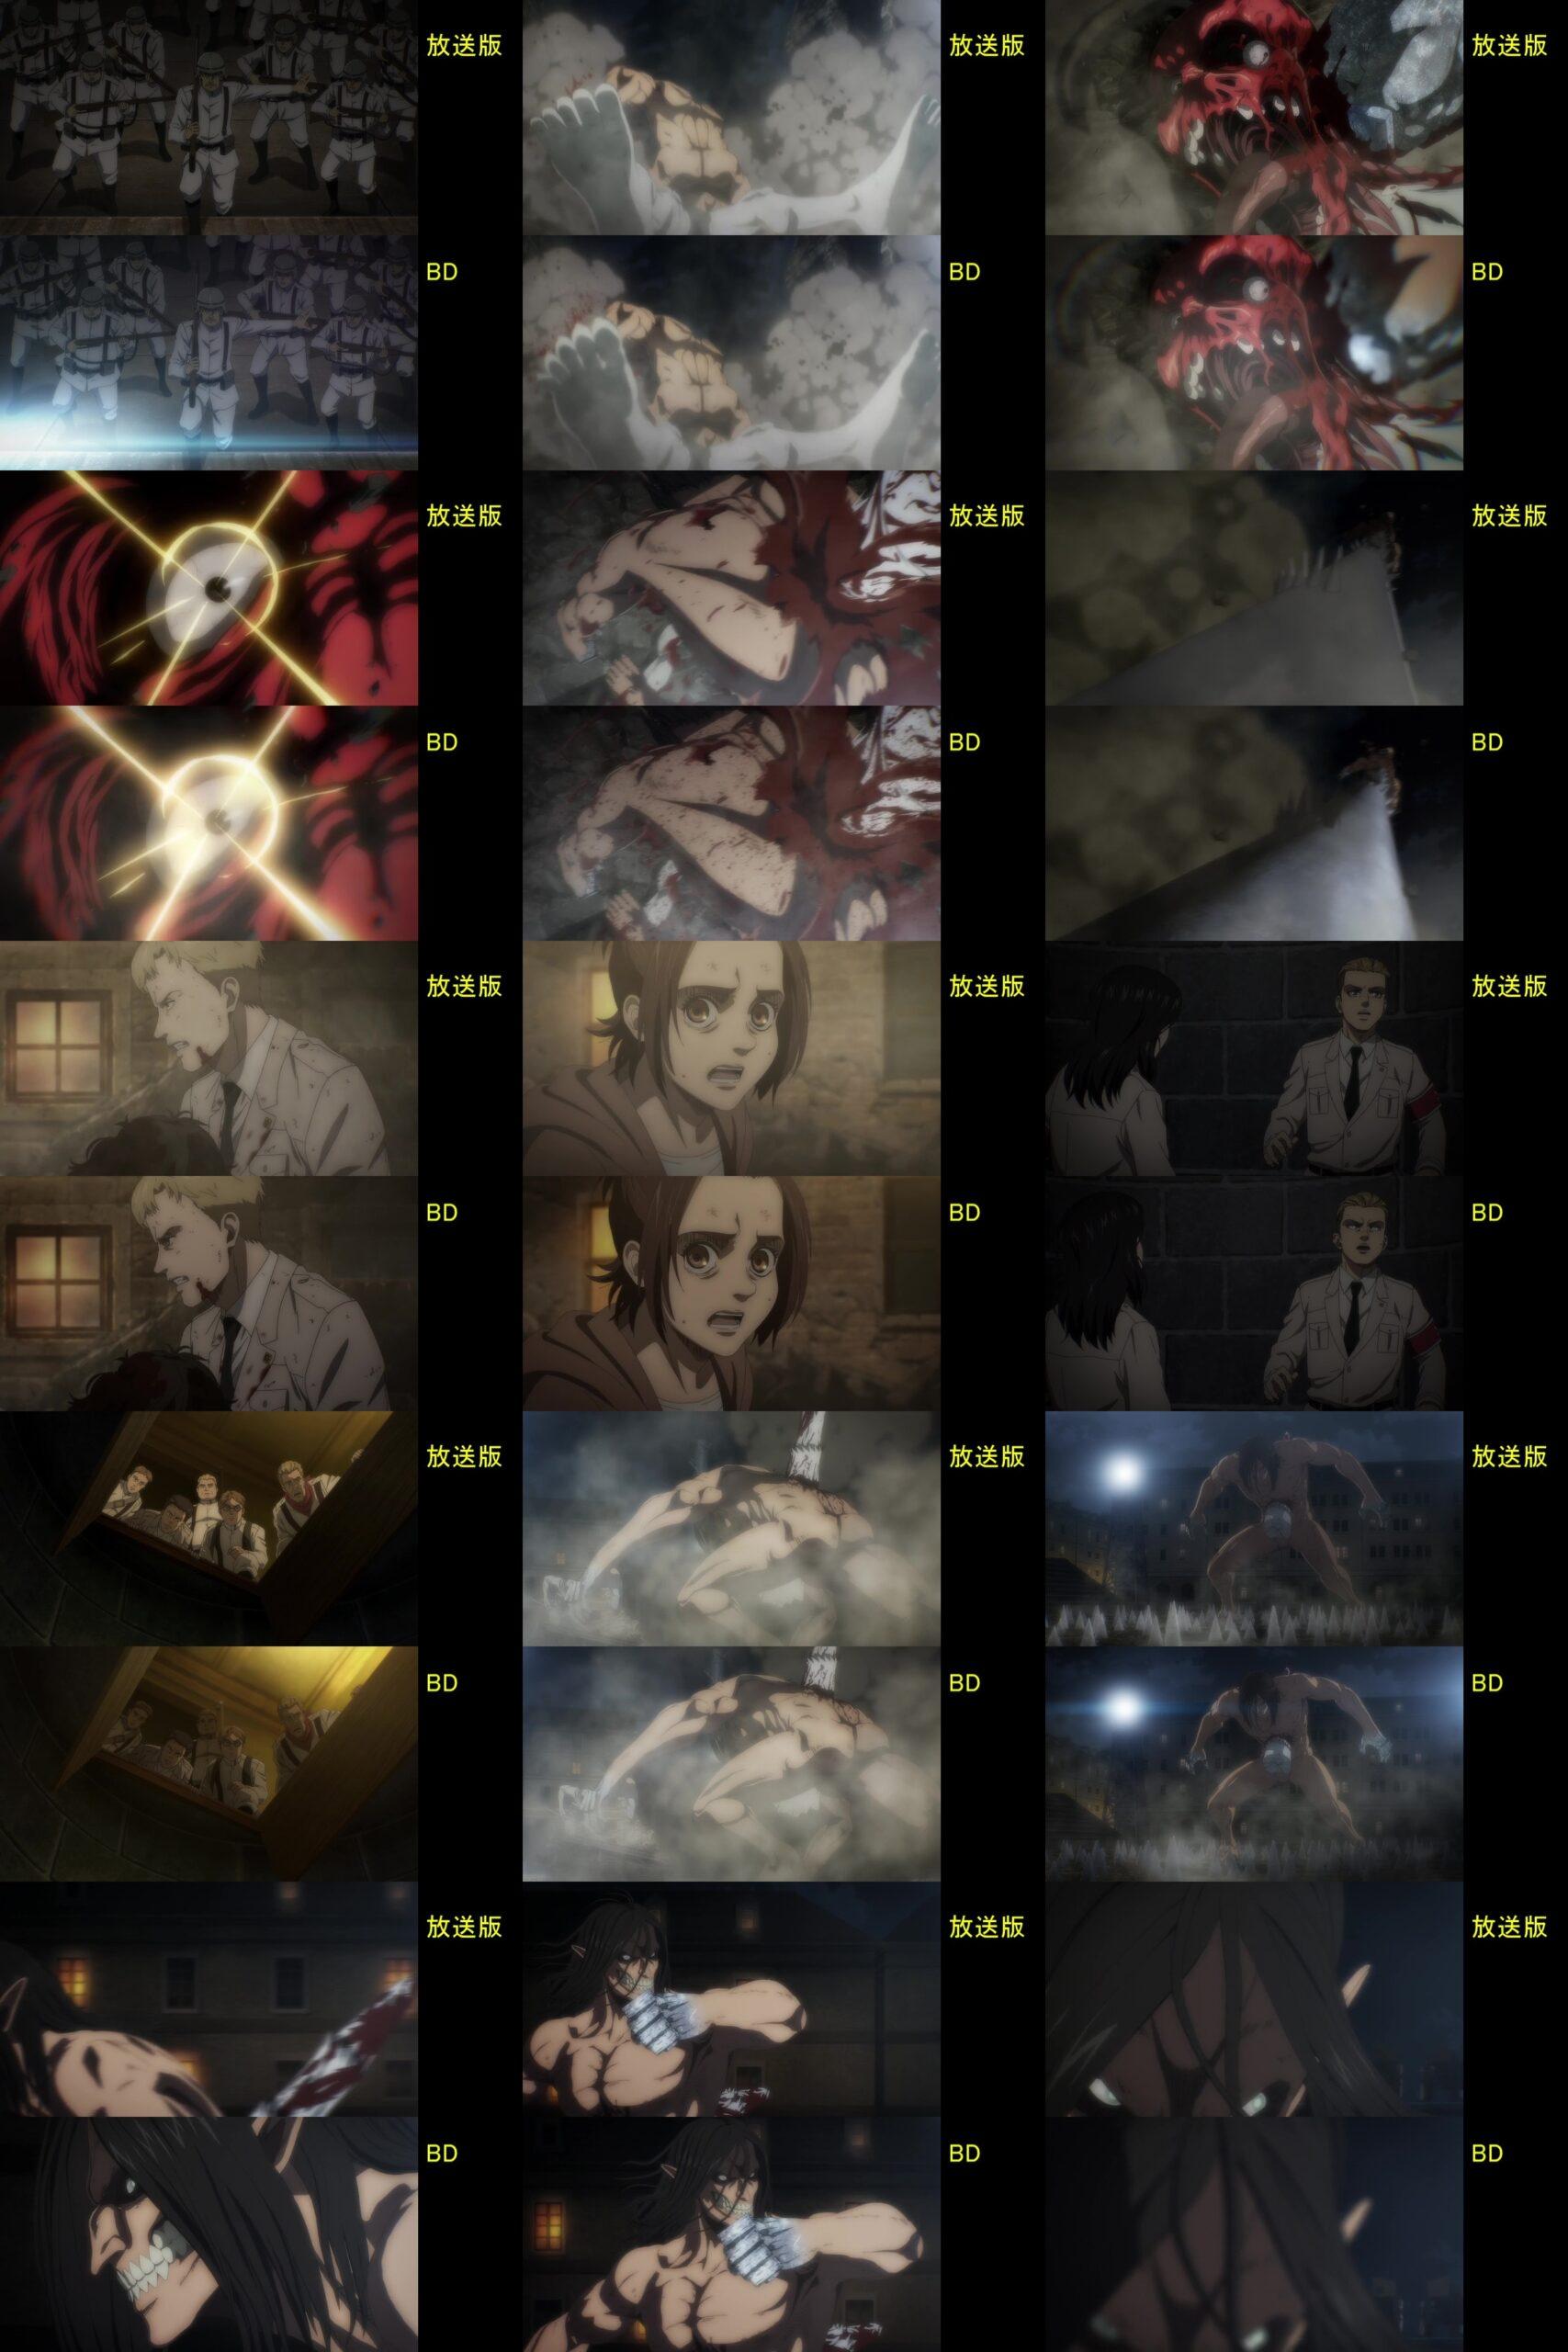 A2 11 scaled - Correções do Anime Shingeki no Kyojin: The Final Season no Blu-ray/DVD.